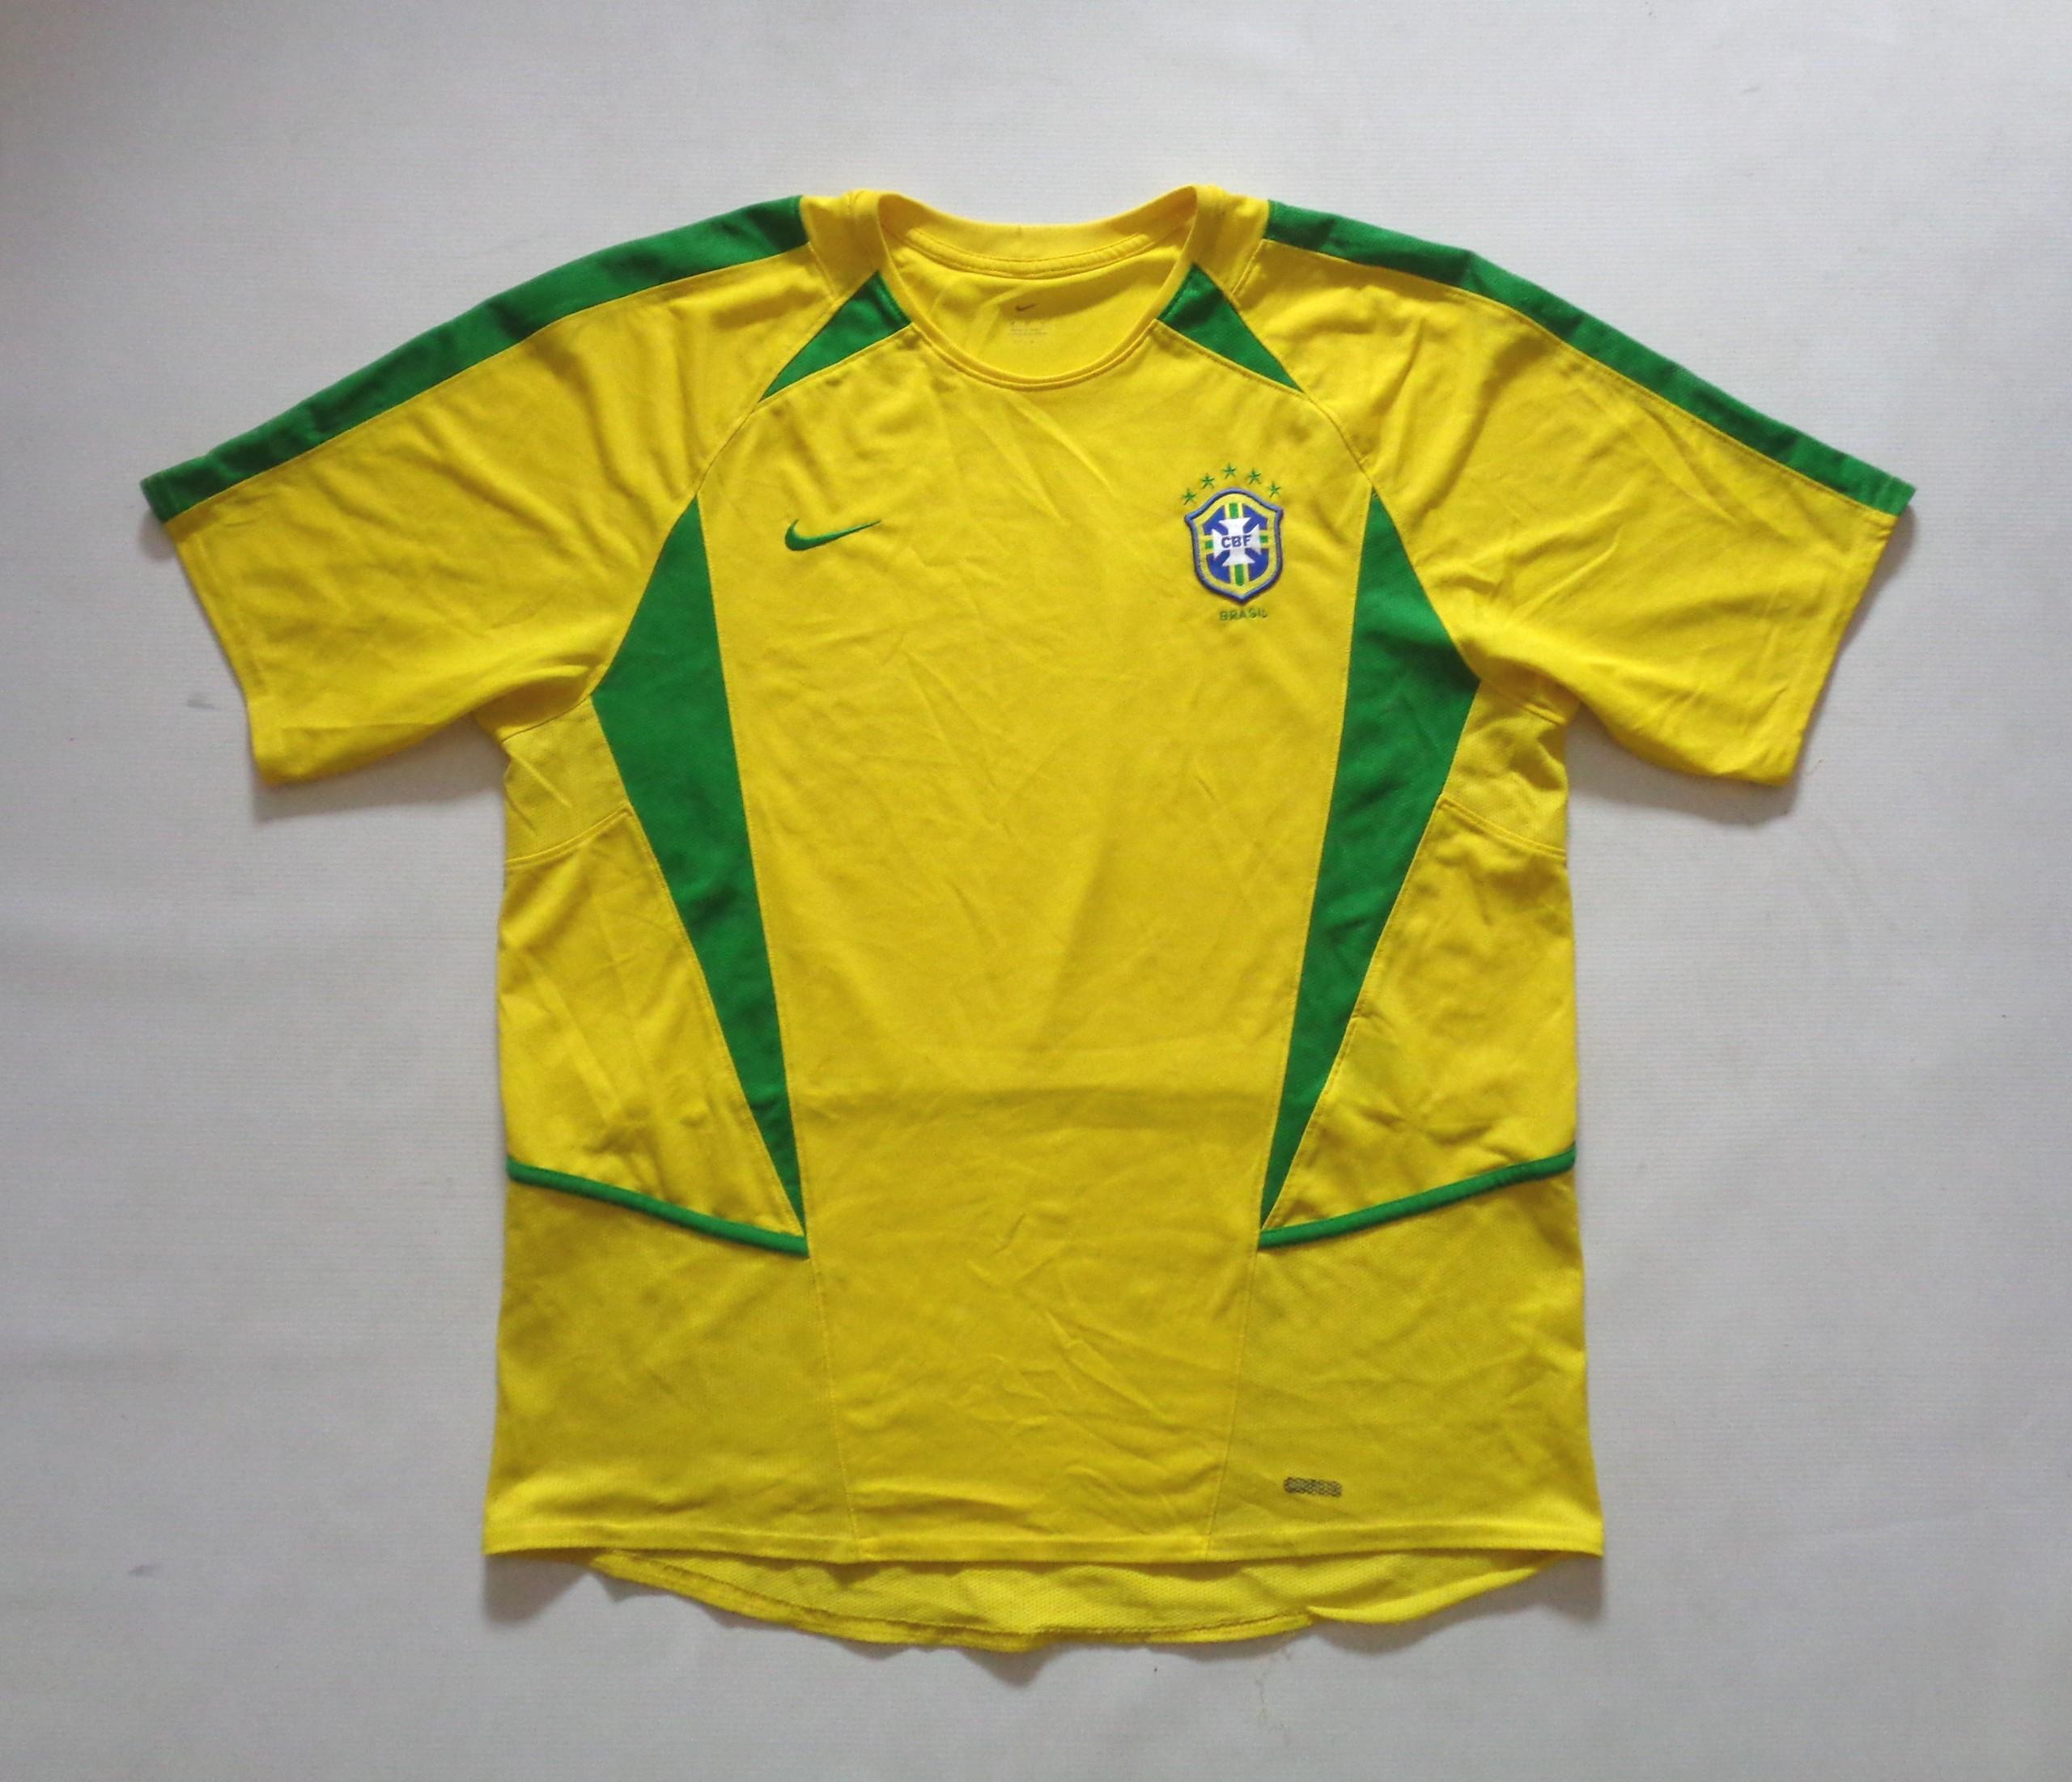 8c7a312d9 NIKE BRAZYLIA koszulka piłkarska męska - M - - 7452160723 ...